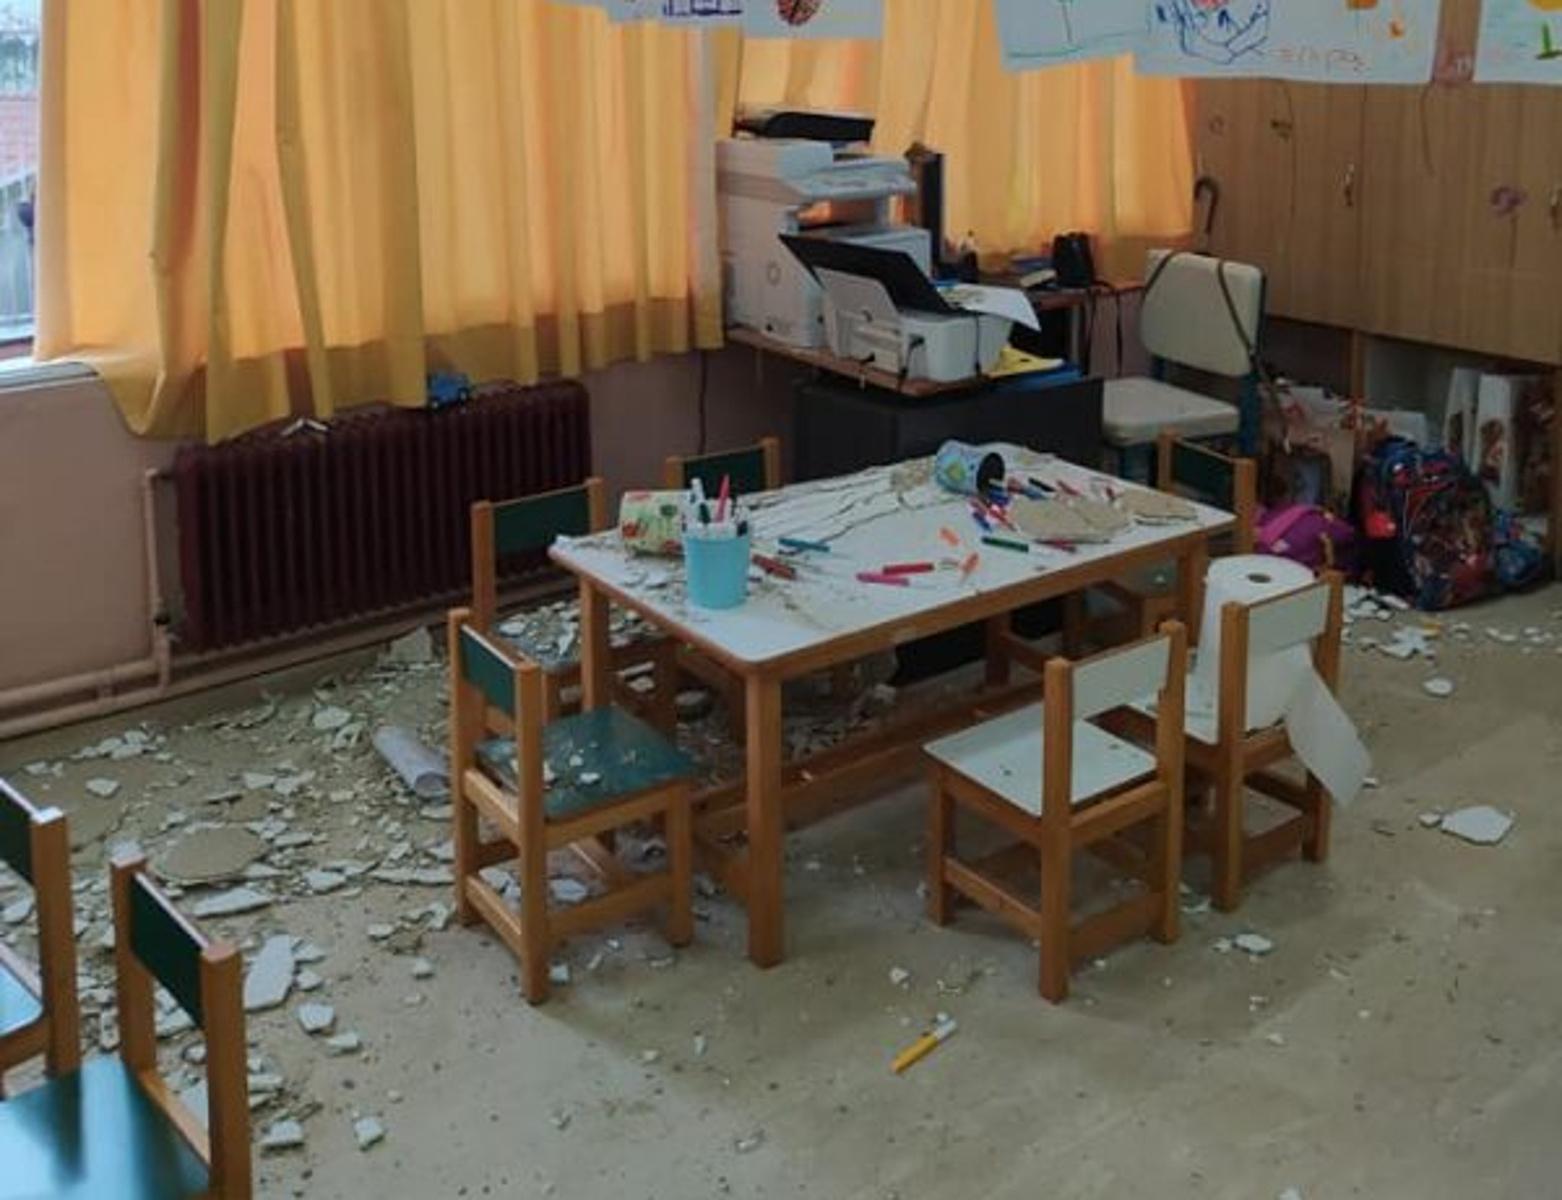 Κέρκυρα: Σώθηκαν από θαύμα παιδιά σε νηπιαγωγείο – Έπεσαν σοβάδες στο διάλειμμα